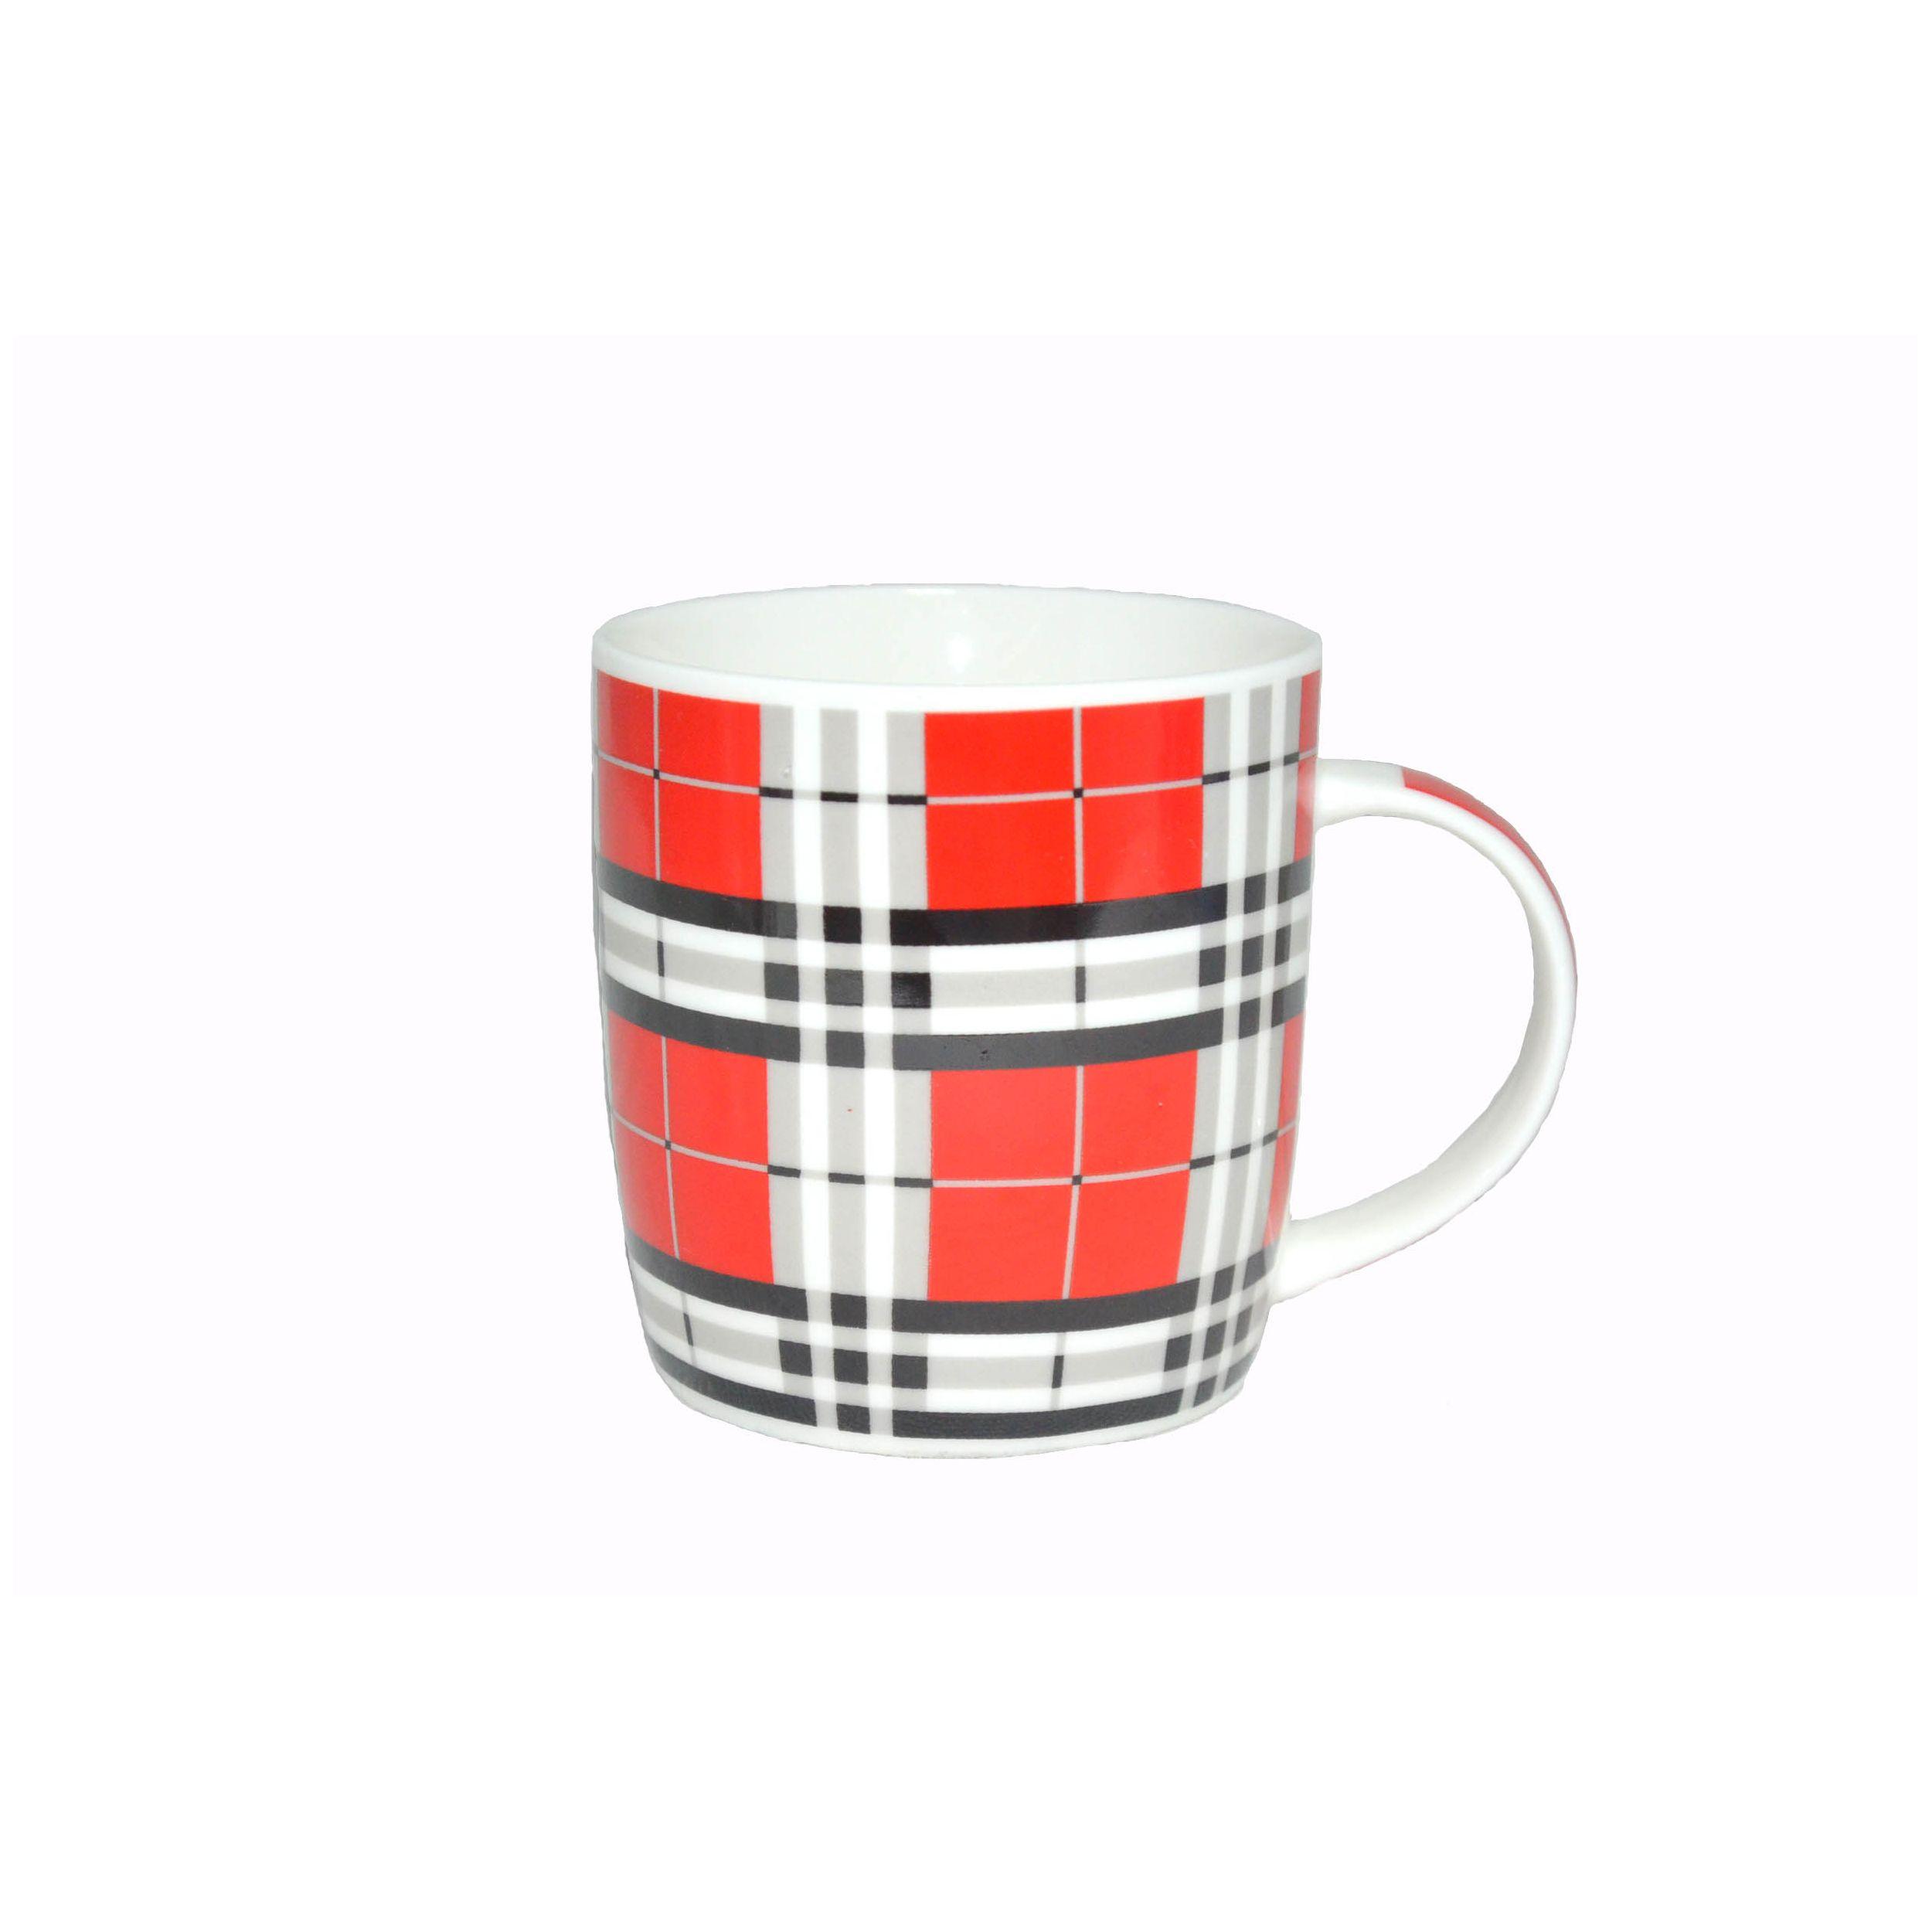 Кружка фарф 350мл бочка Шотландка 4 ТМ RainbowКружка Шотландка 4 ТМ Рейнбоу с лаконичным и простым принтом станет отличным выбором для оснащения домашней кухни. Посуда этой серии отличается высоким качеством исполнения и гармонично сочетается с остальной посудой. Изящная форма и толстые стенки удобны в эксплуатации и уходе. Кружку можно мыть в посудомоечной машине с прочей посудой. Изделие выполнено из качественного фарфора, который изготавливается по новейшей технологии без использования токсичных и вредных веществ, а также обеспечивает высокую прочность и долговечность. Кружка Шотландка 4 ТМ Рейнбоу подходит для сервировки чая, кофе и других горячих и холодных напитков.<br>